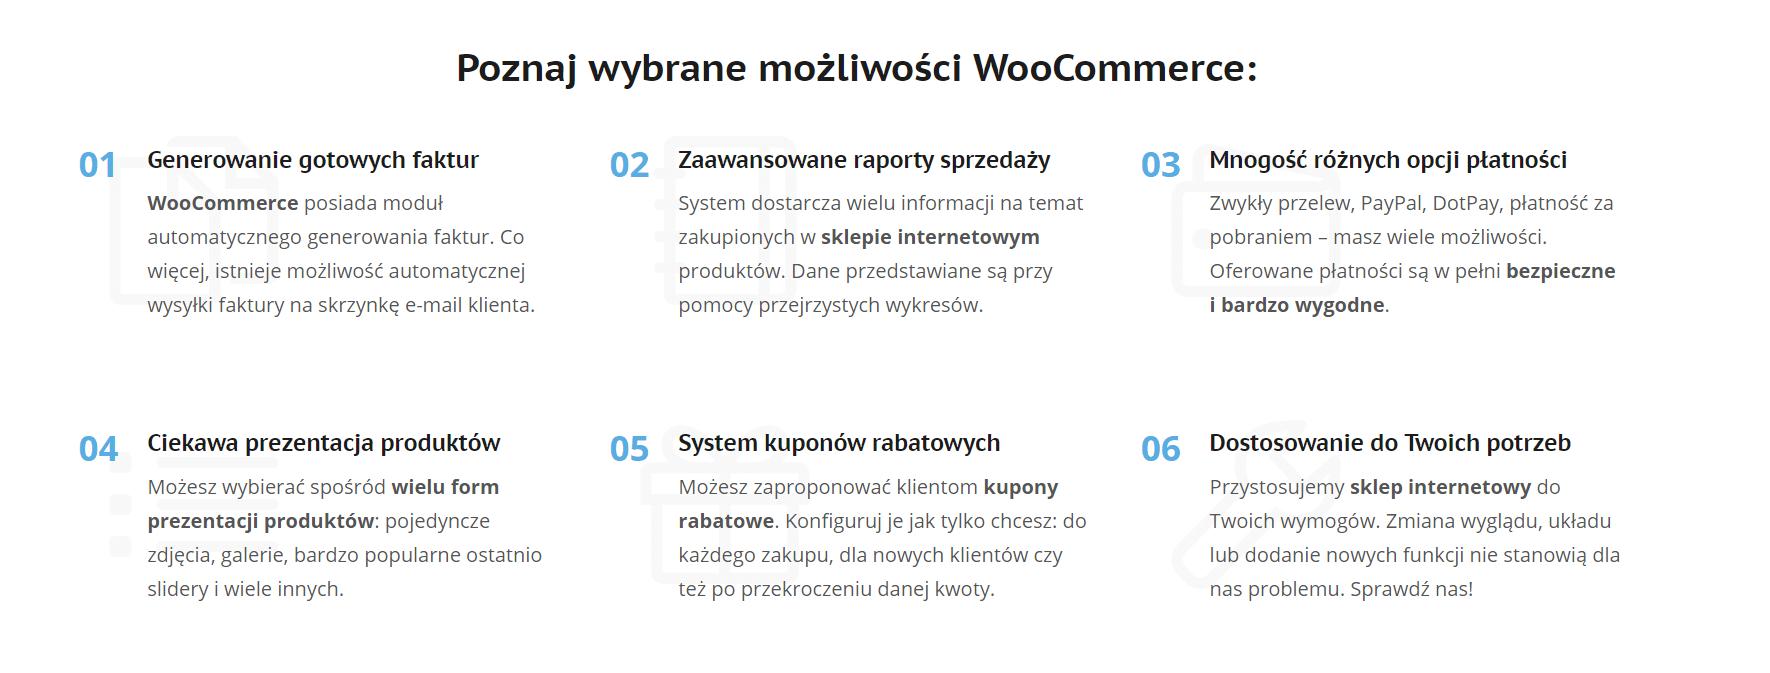 Zalety wtyczki WooCommerce opisane w sposób, który zwraca uwagę